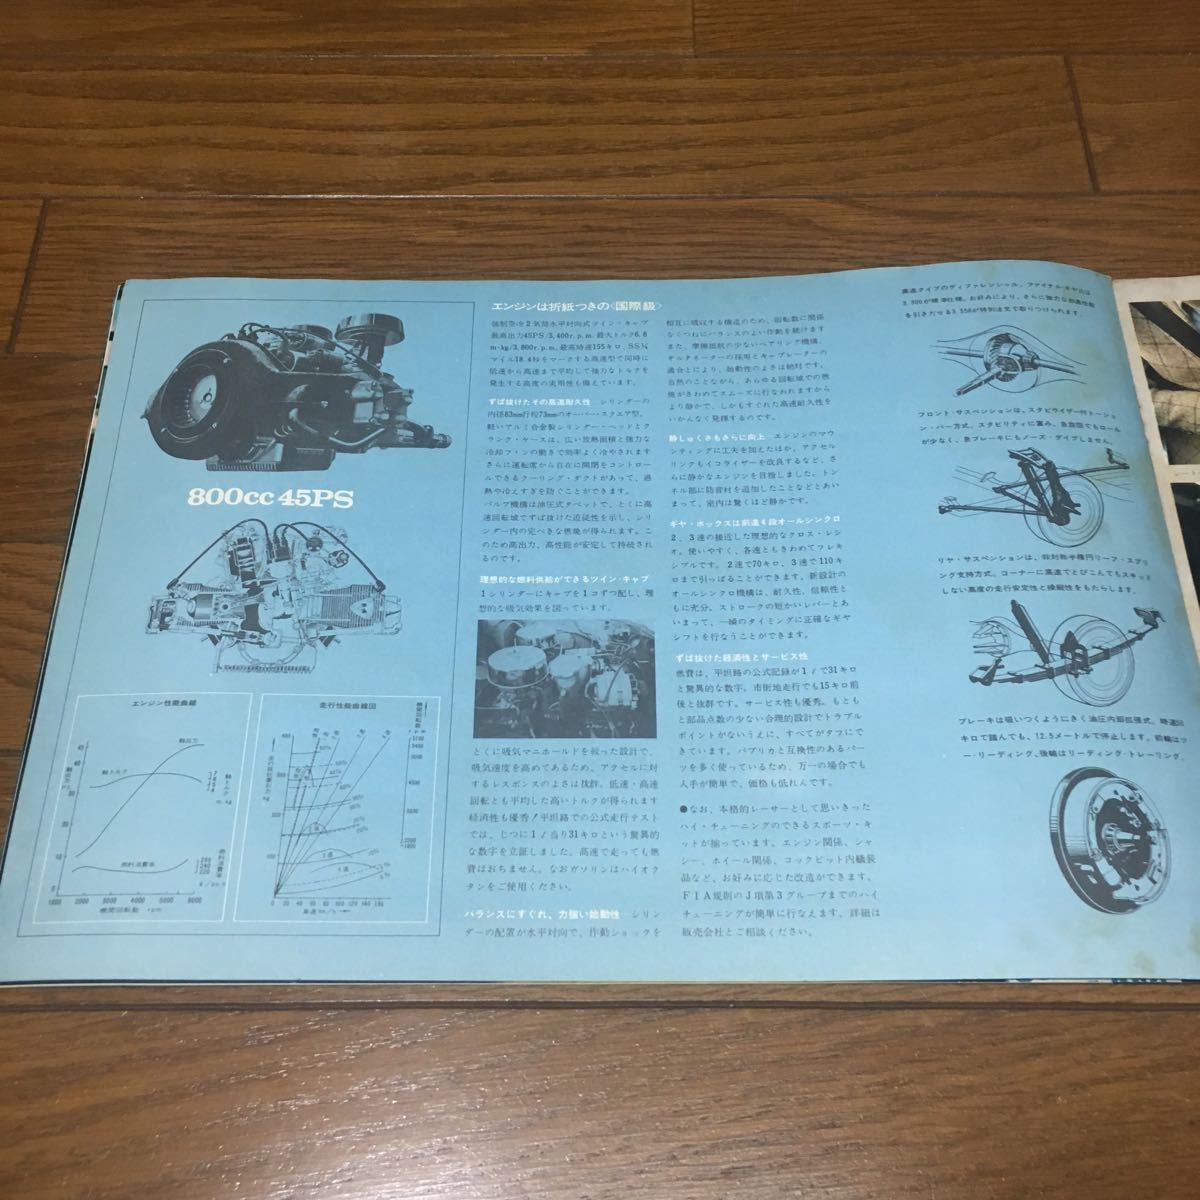 復刻版ではございません 絶版 旧車カタログ トヨタ スポーツ800 超貴重な青表示 当時物 昭和 希少滅多にでてきません。_画像8